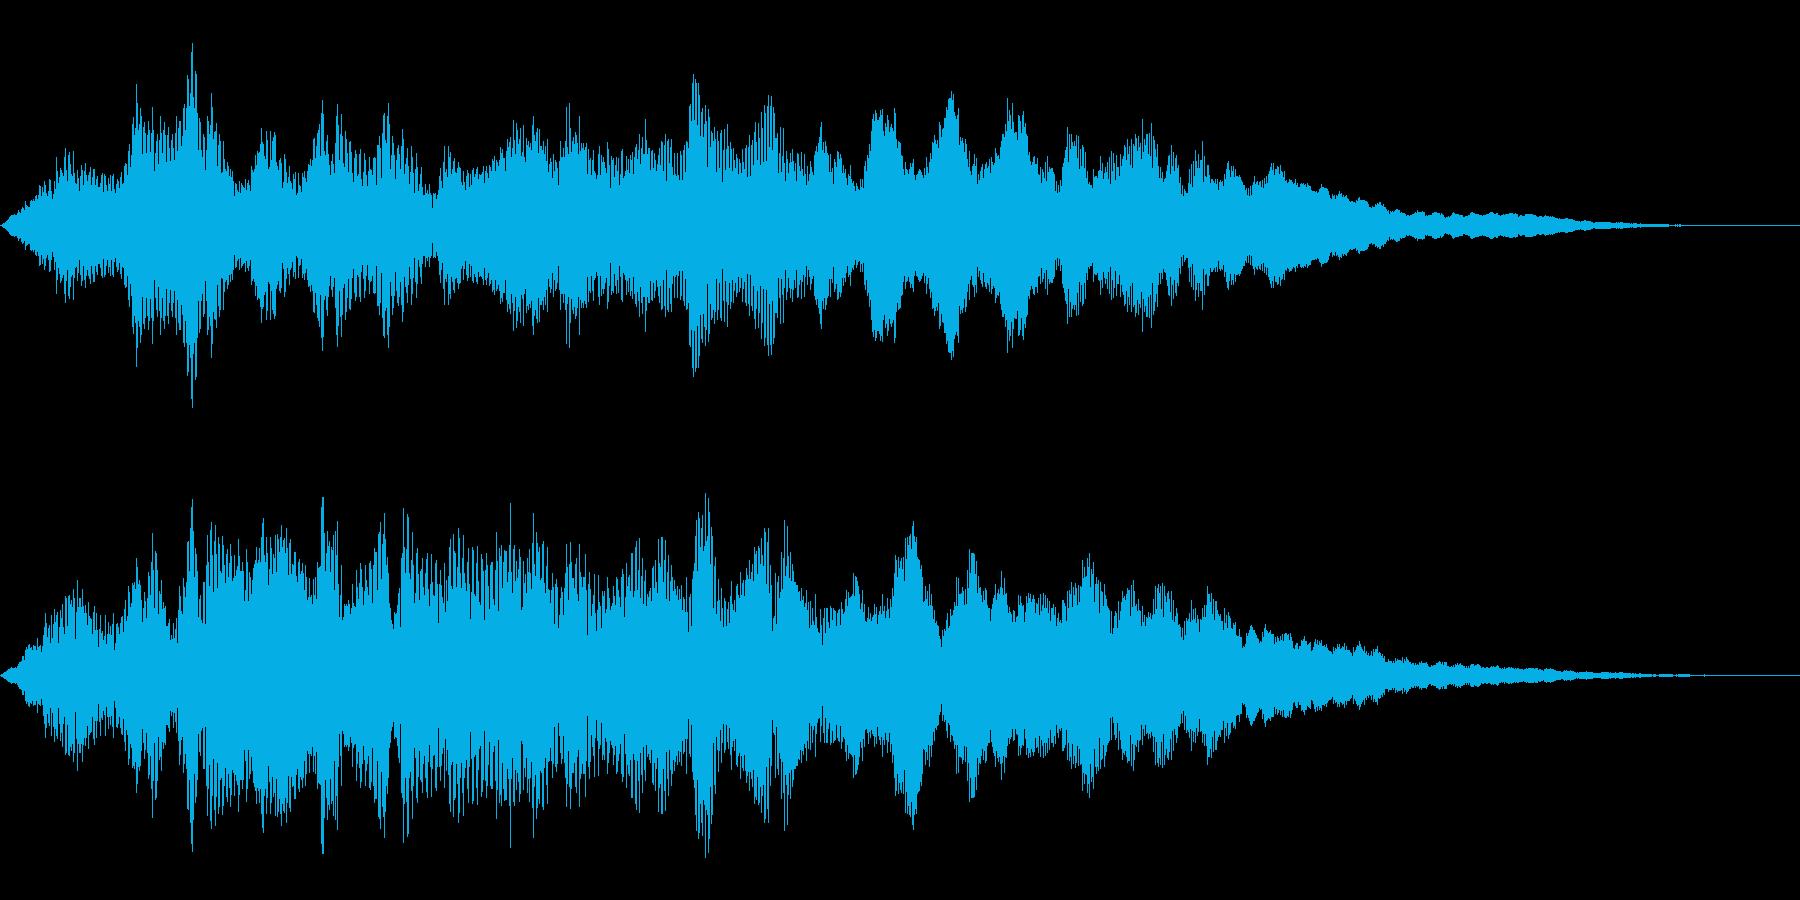 タイトルバック ホラー8の再生済みの波形